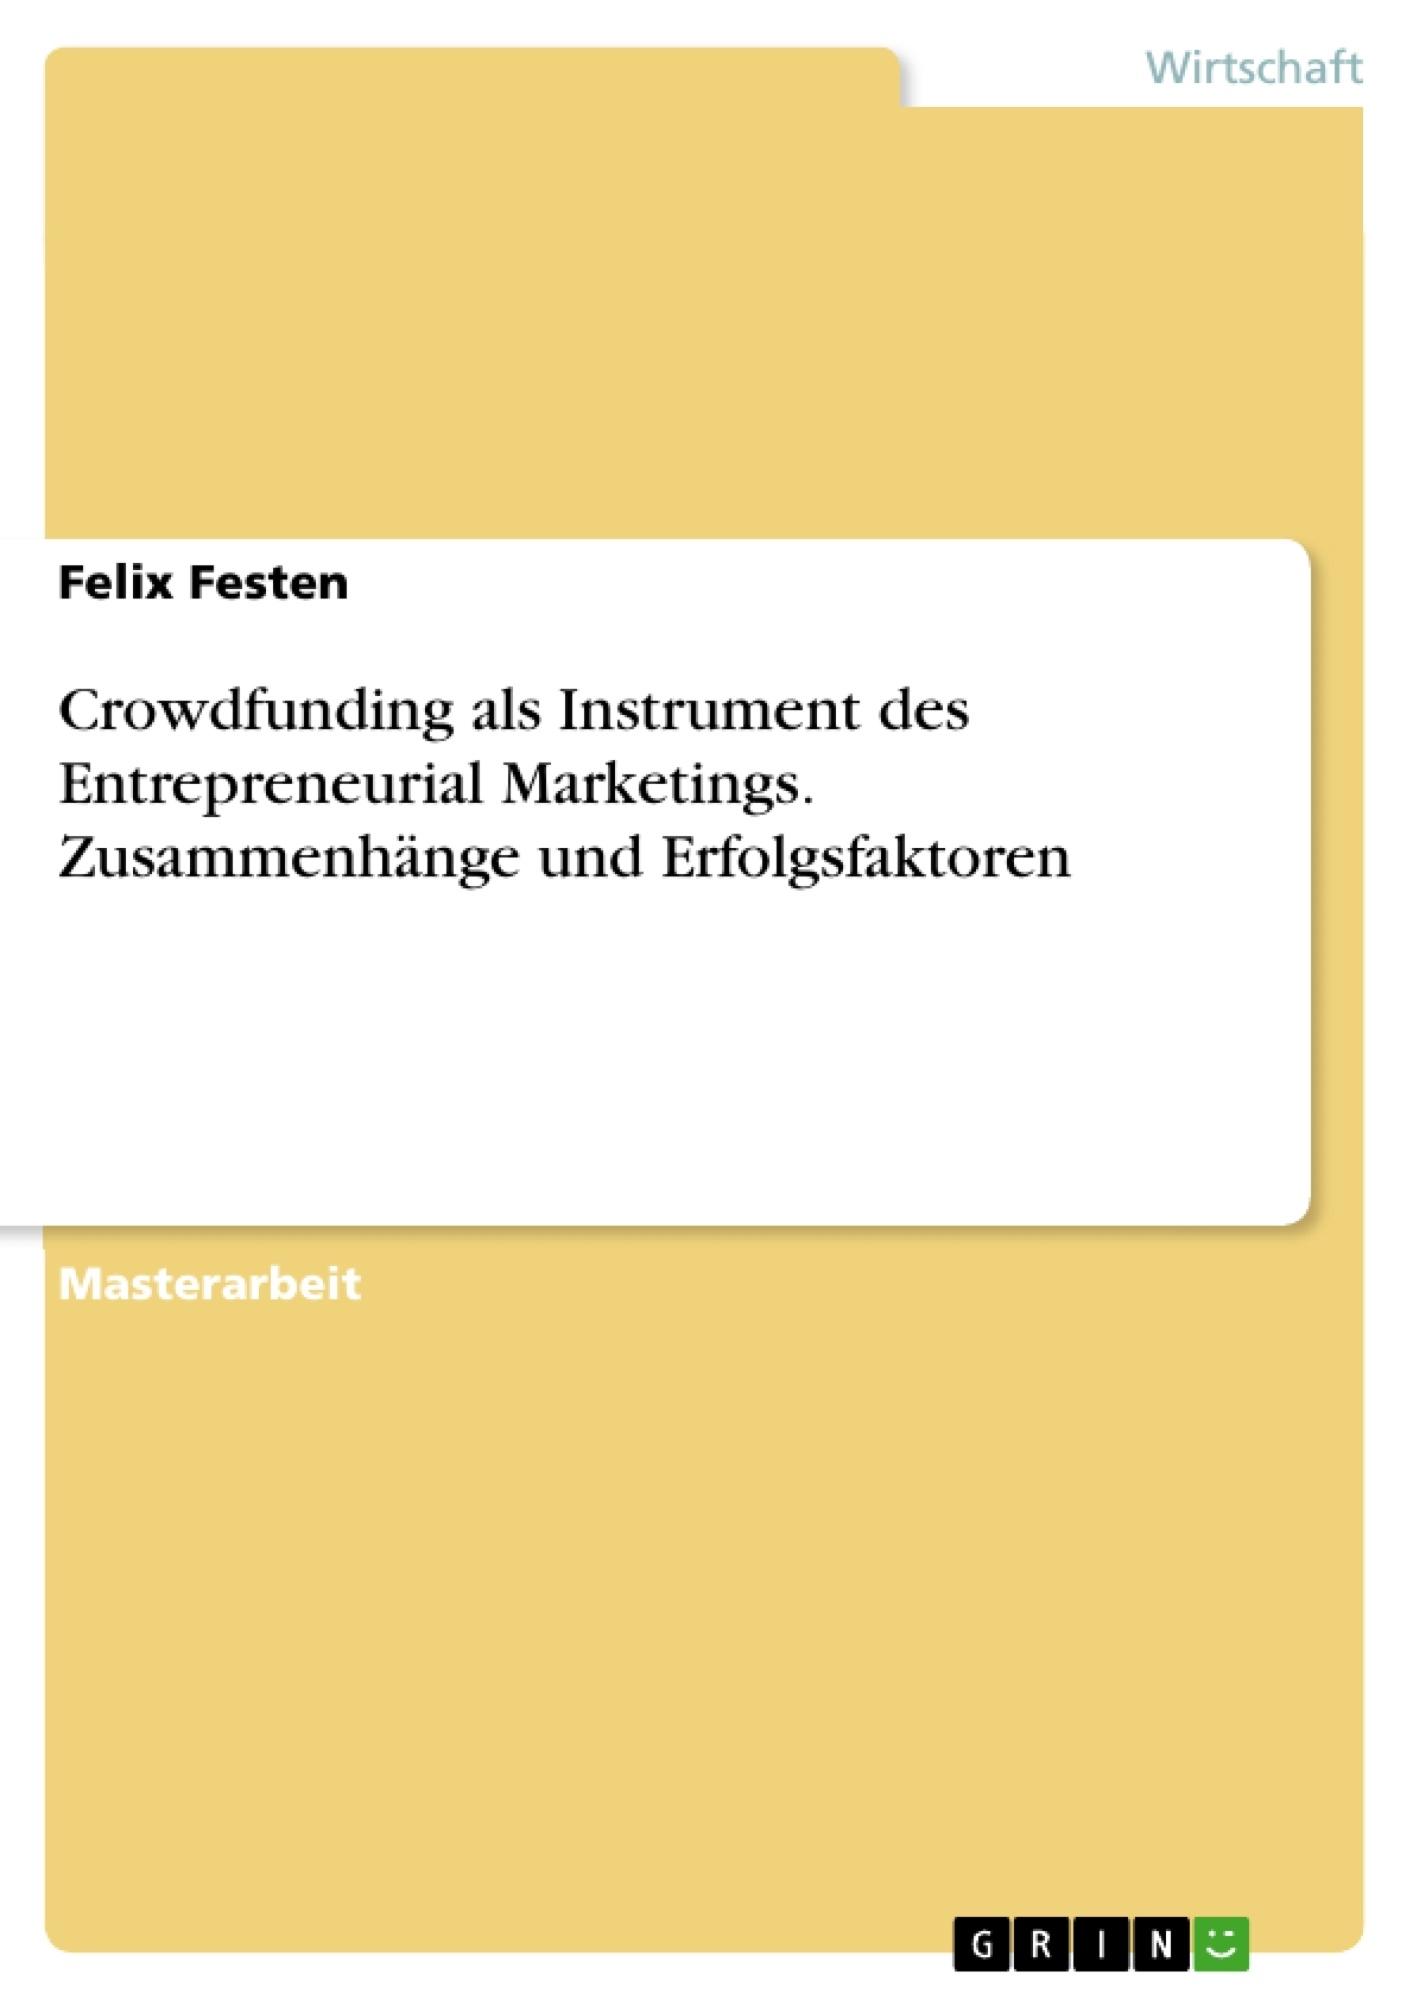 Titel: Crowdfunding als Instrument des Entrepreneurial Marketings. Zusammenhänge und Erfolgsfaktoren